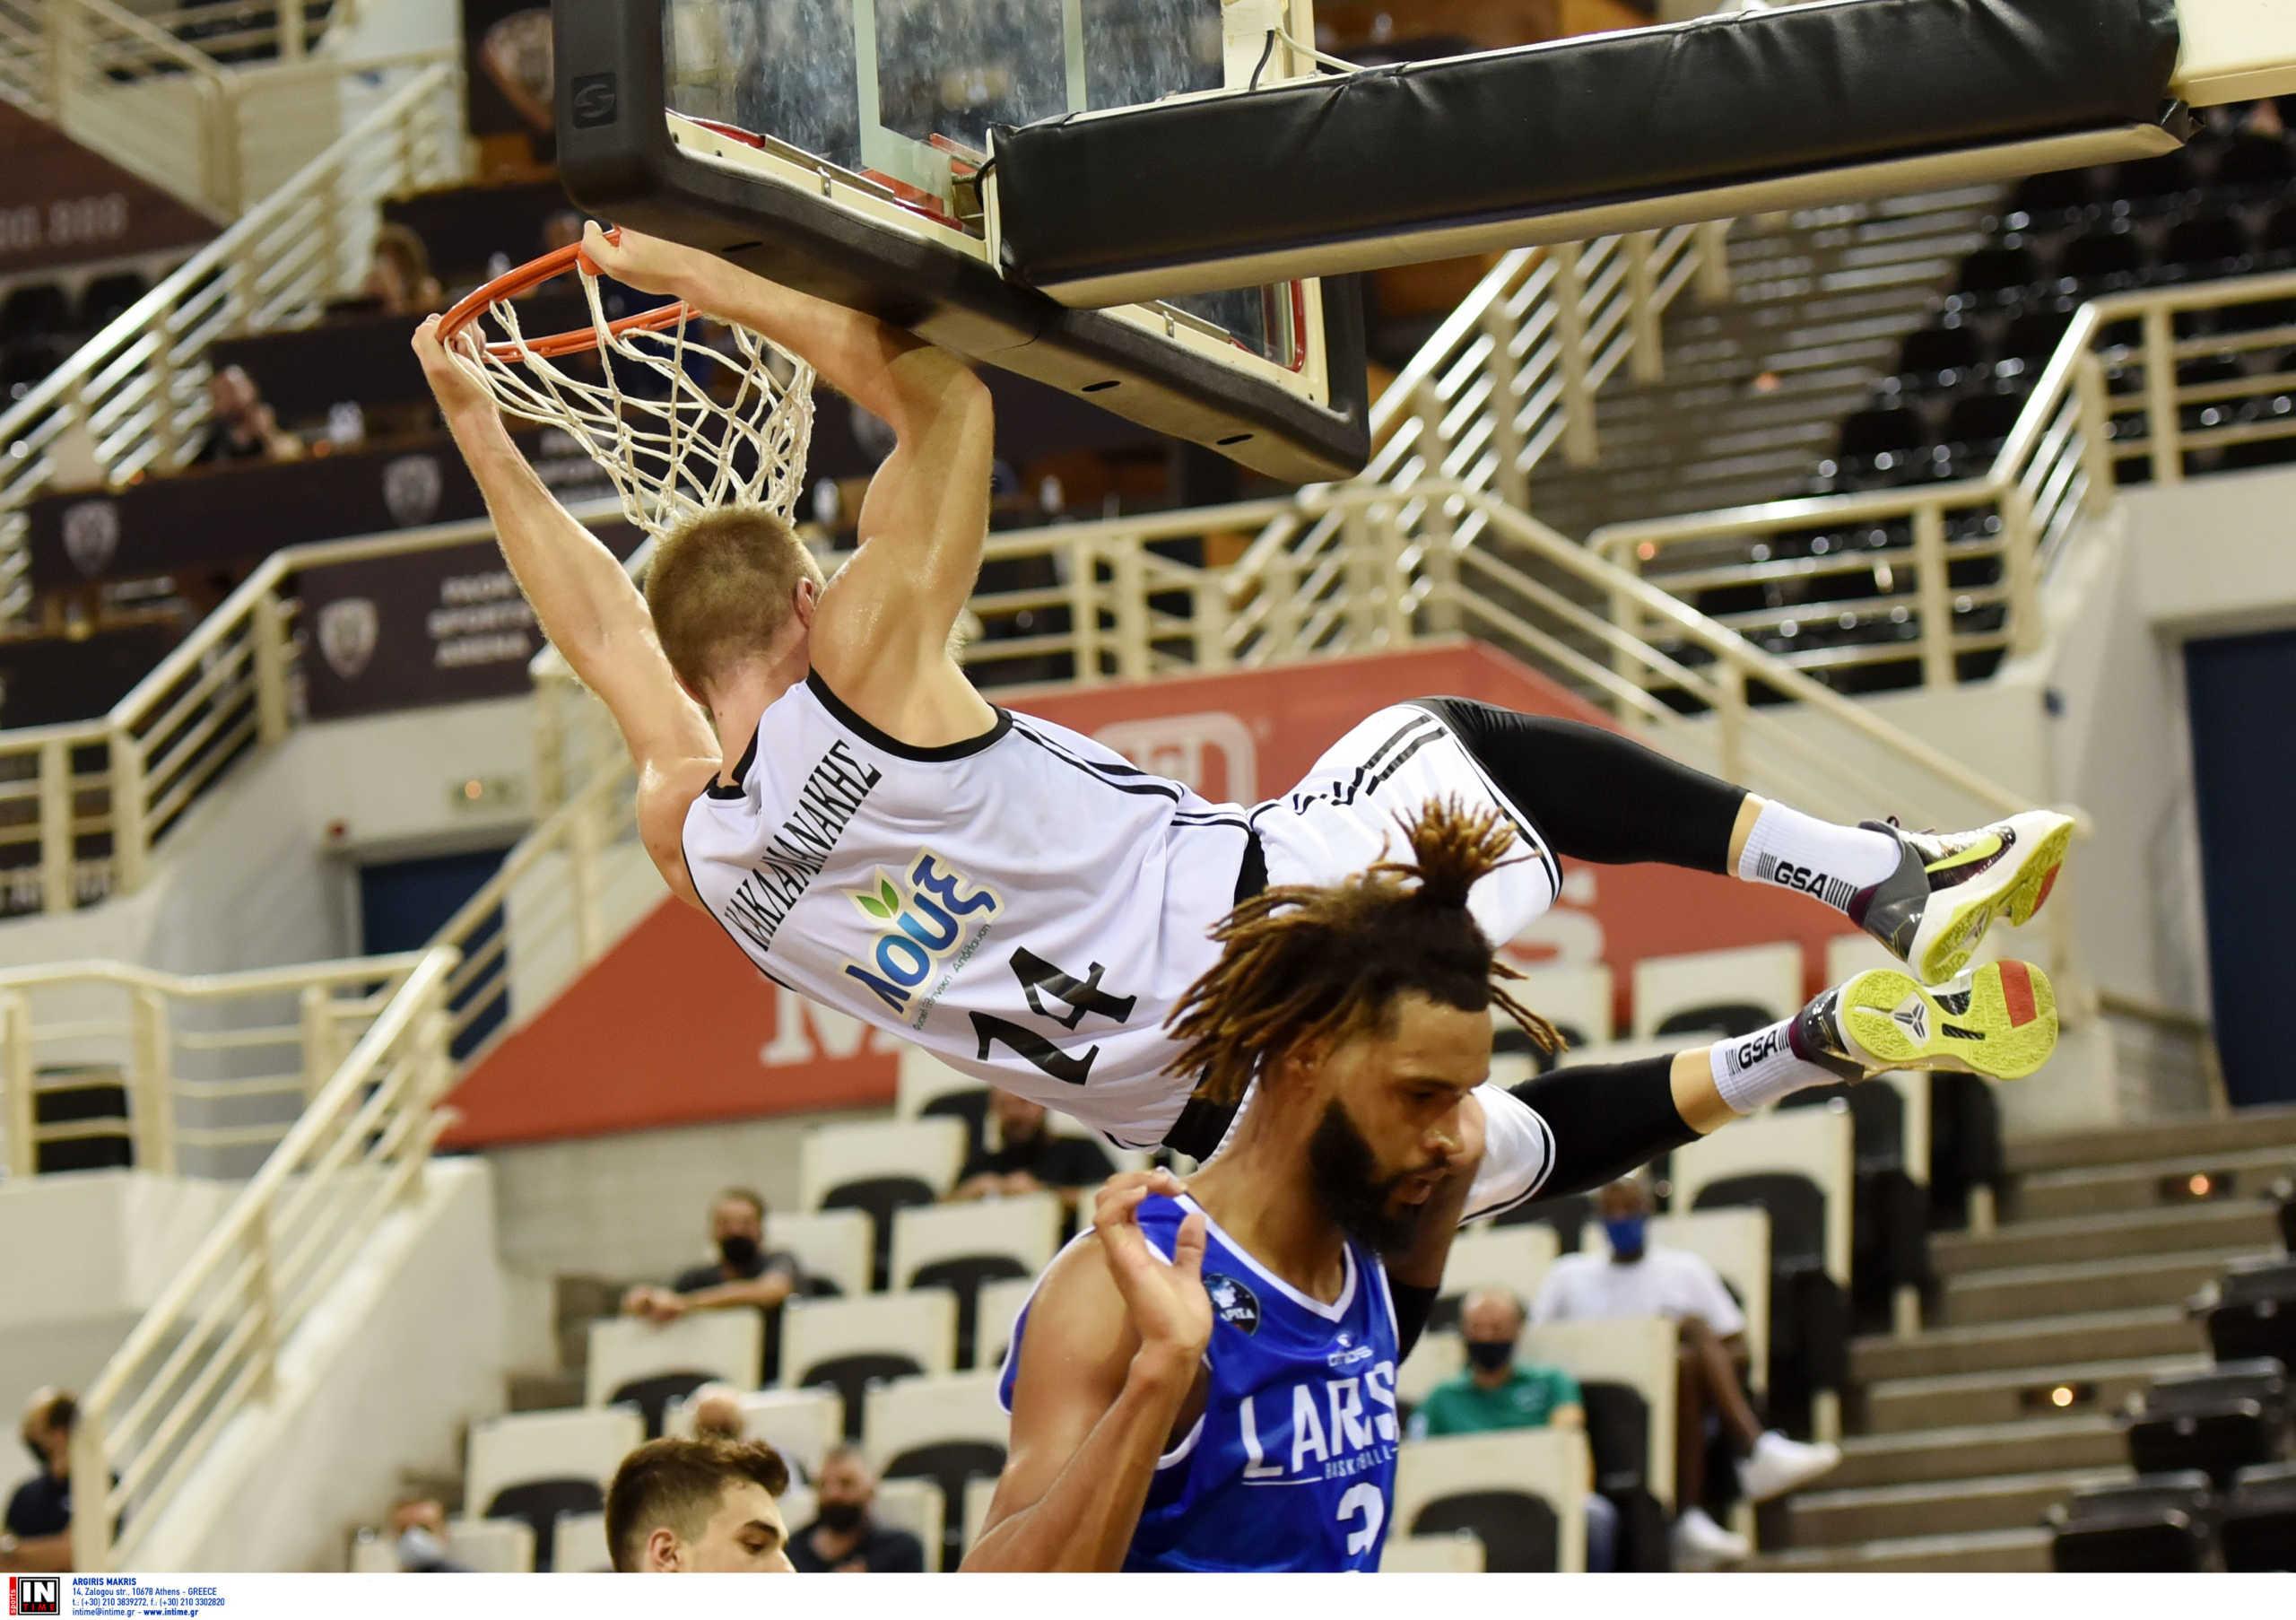 Κύπελλο Ελλάδας μπάσκετ: Ο ΠΑΟΚ με… περίπατο στα προημιτελικά